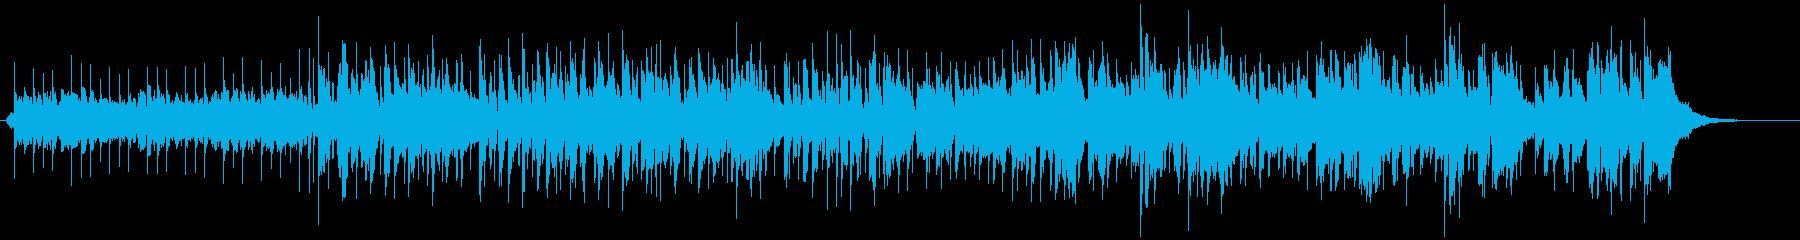 CM用9D、元気で楽しく軽快なキッズ向けの再生済みの波形